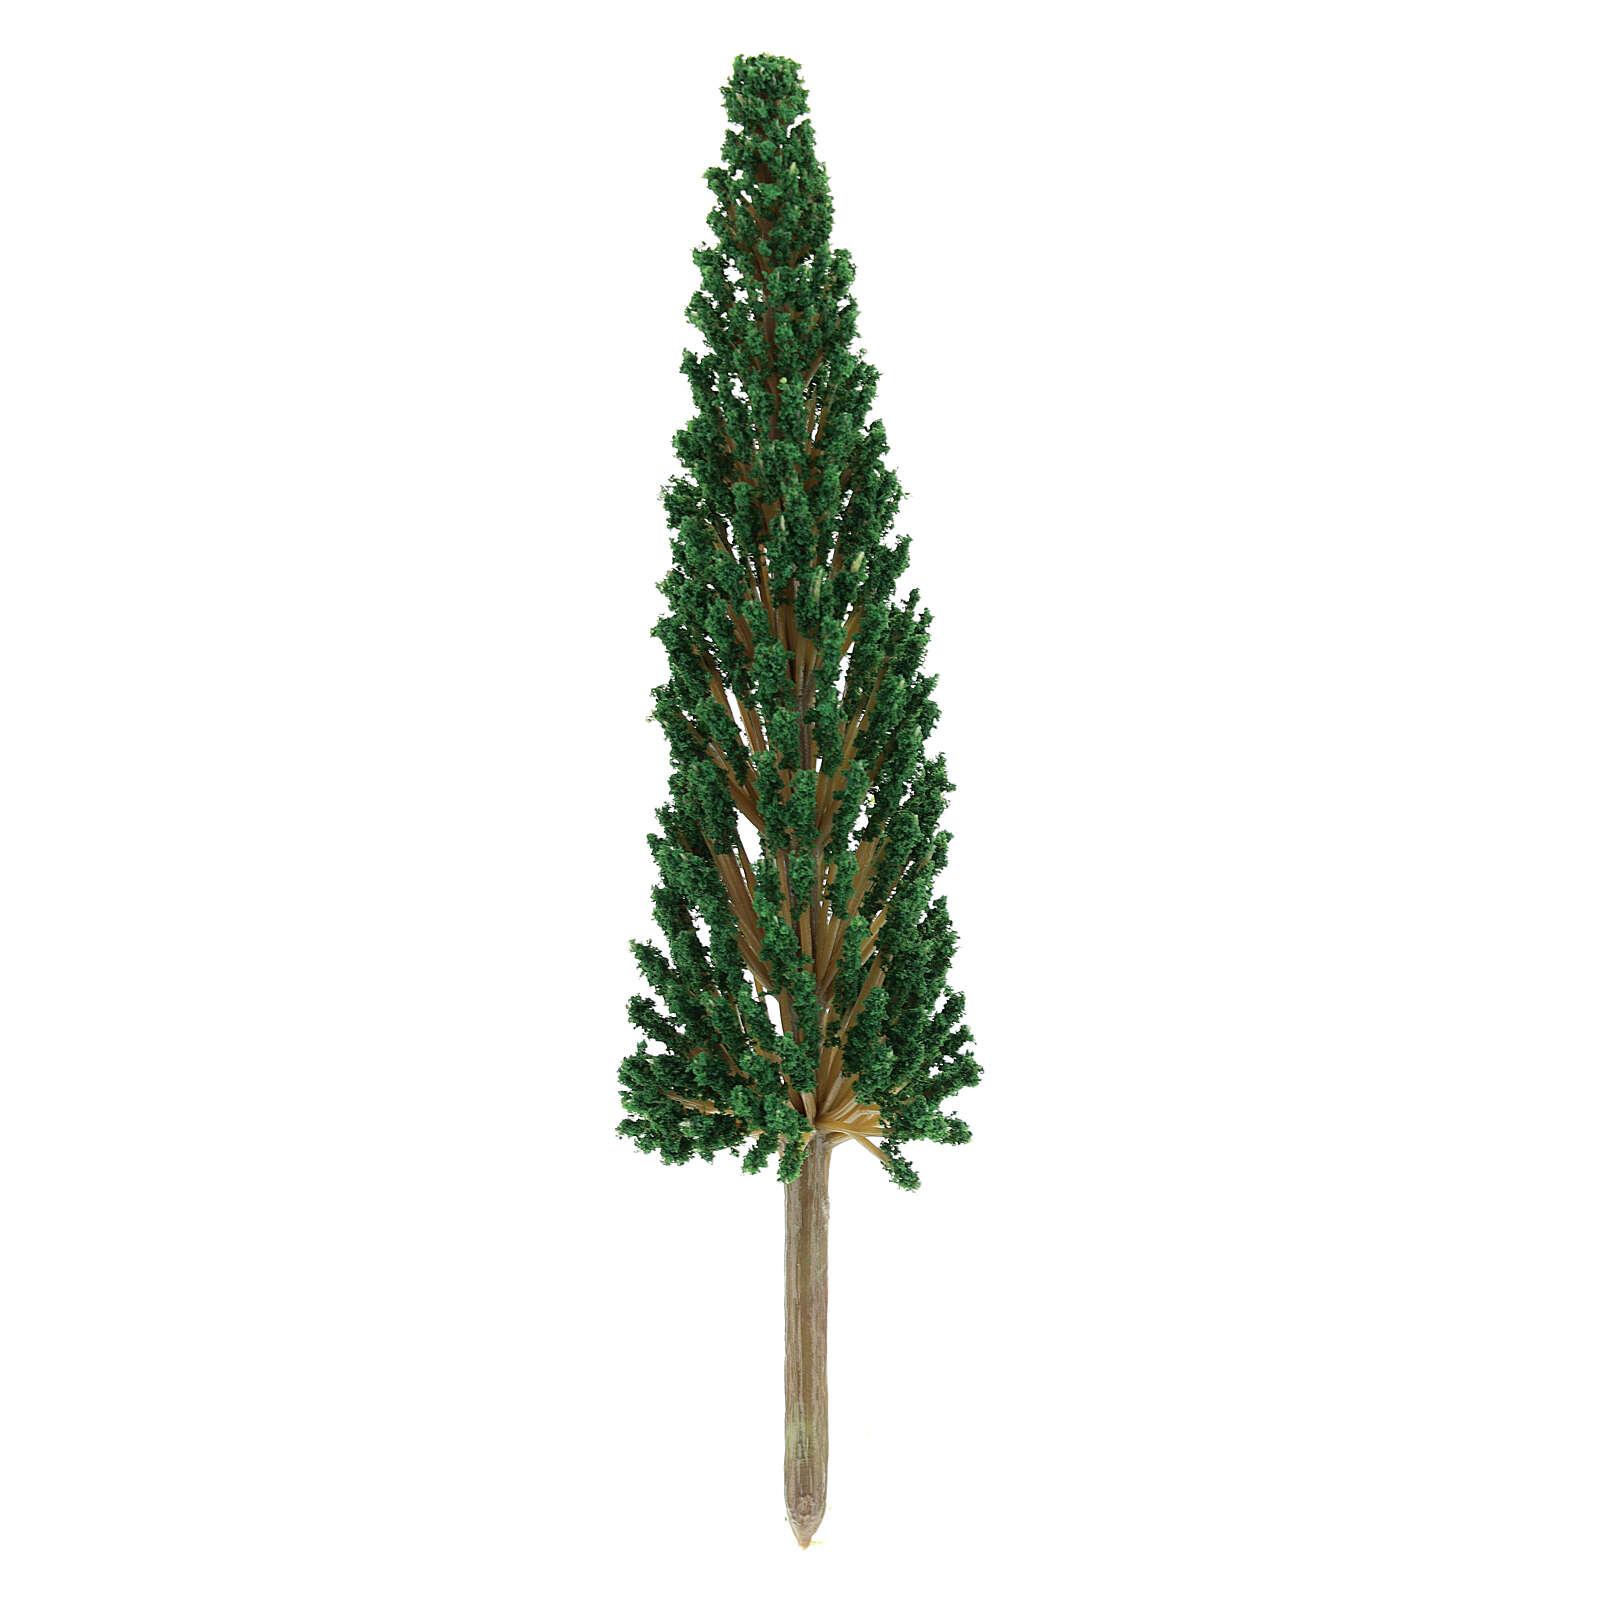 Drzewo cyprys h rzeczywista 17 cm bez podstawy 4